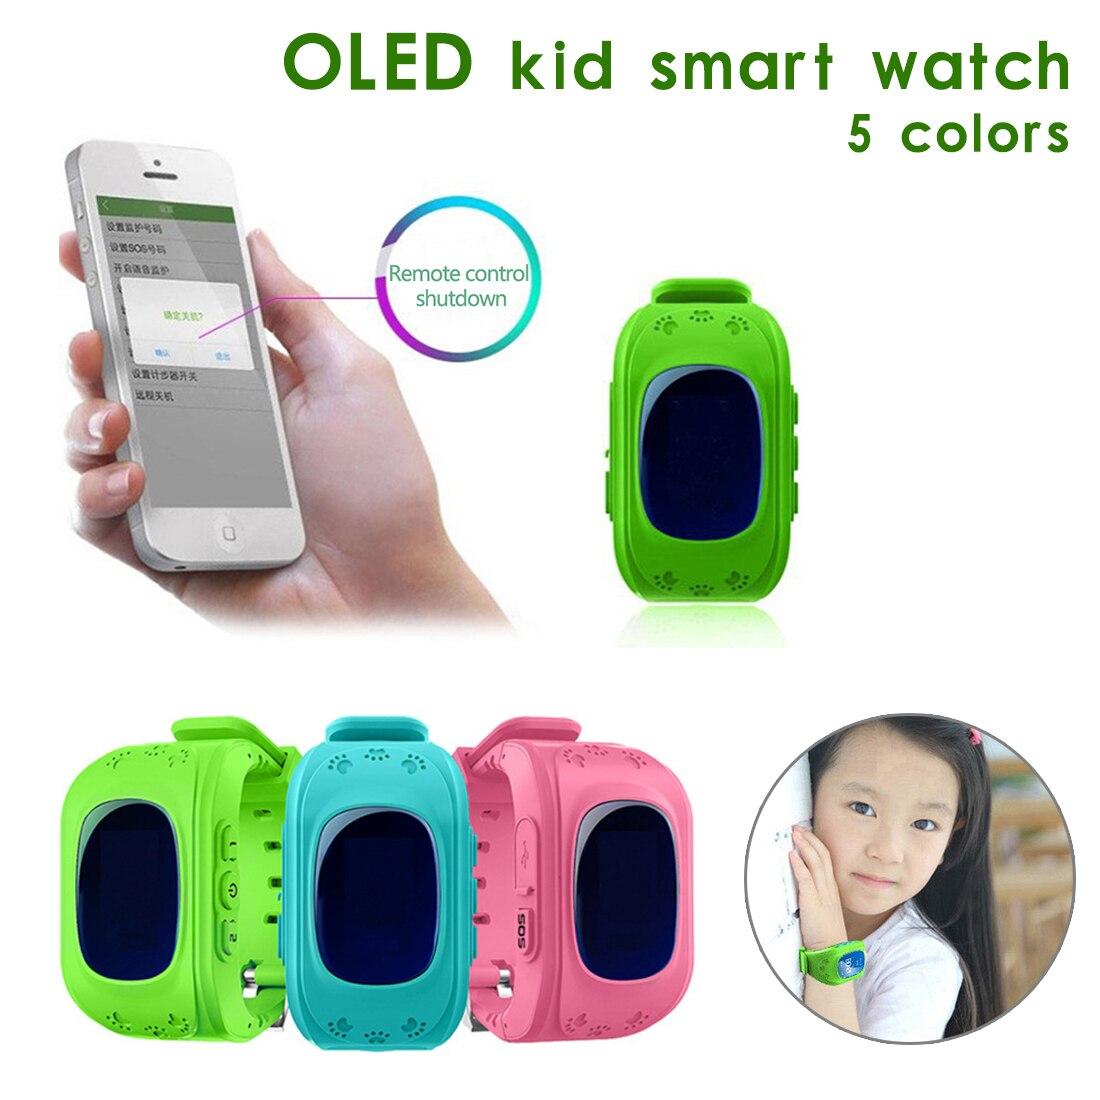 عالية الجودة Q50 مكافحة خسر OLED الطفل لا لتحديد المواقع تعقب SOS الذكية رصد تحديد المواقع الهاتف ساعة ذكية لتتبع الأطفال ل IOS أندرويد